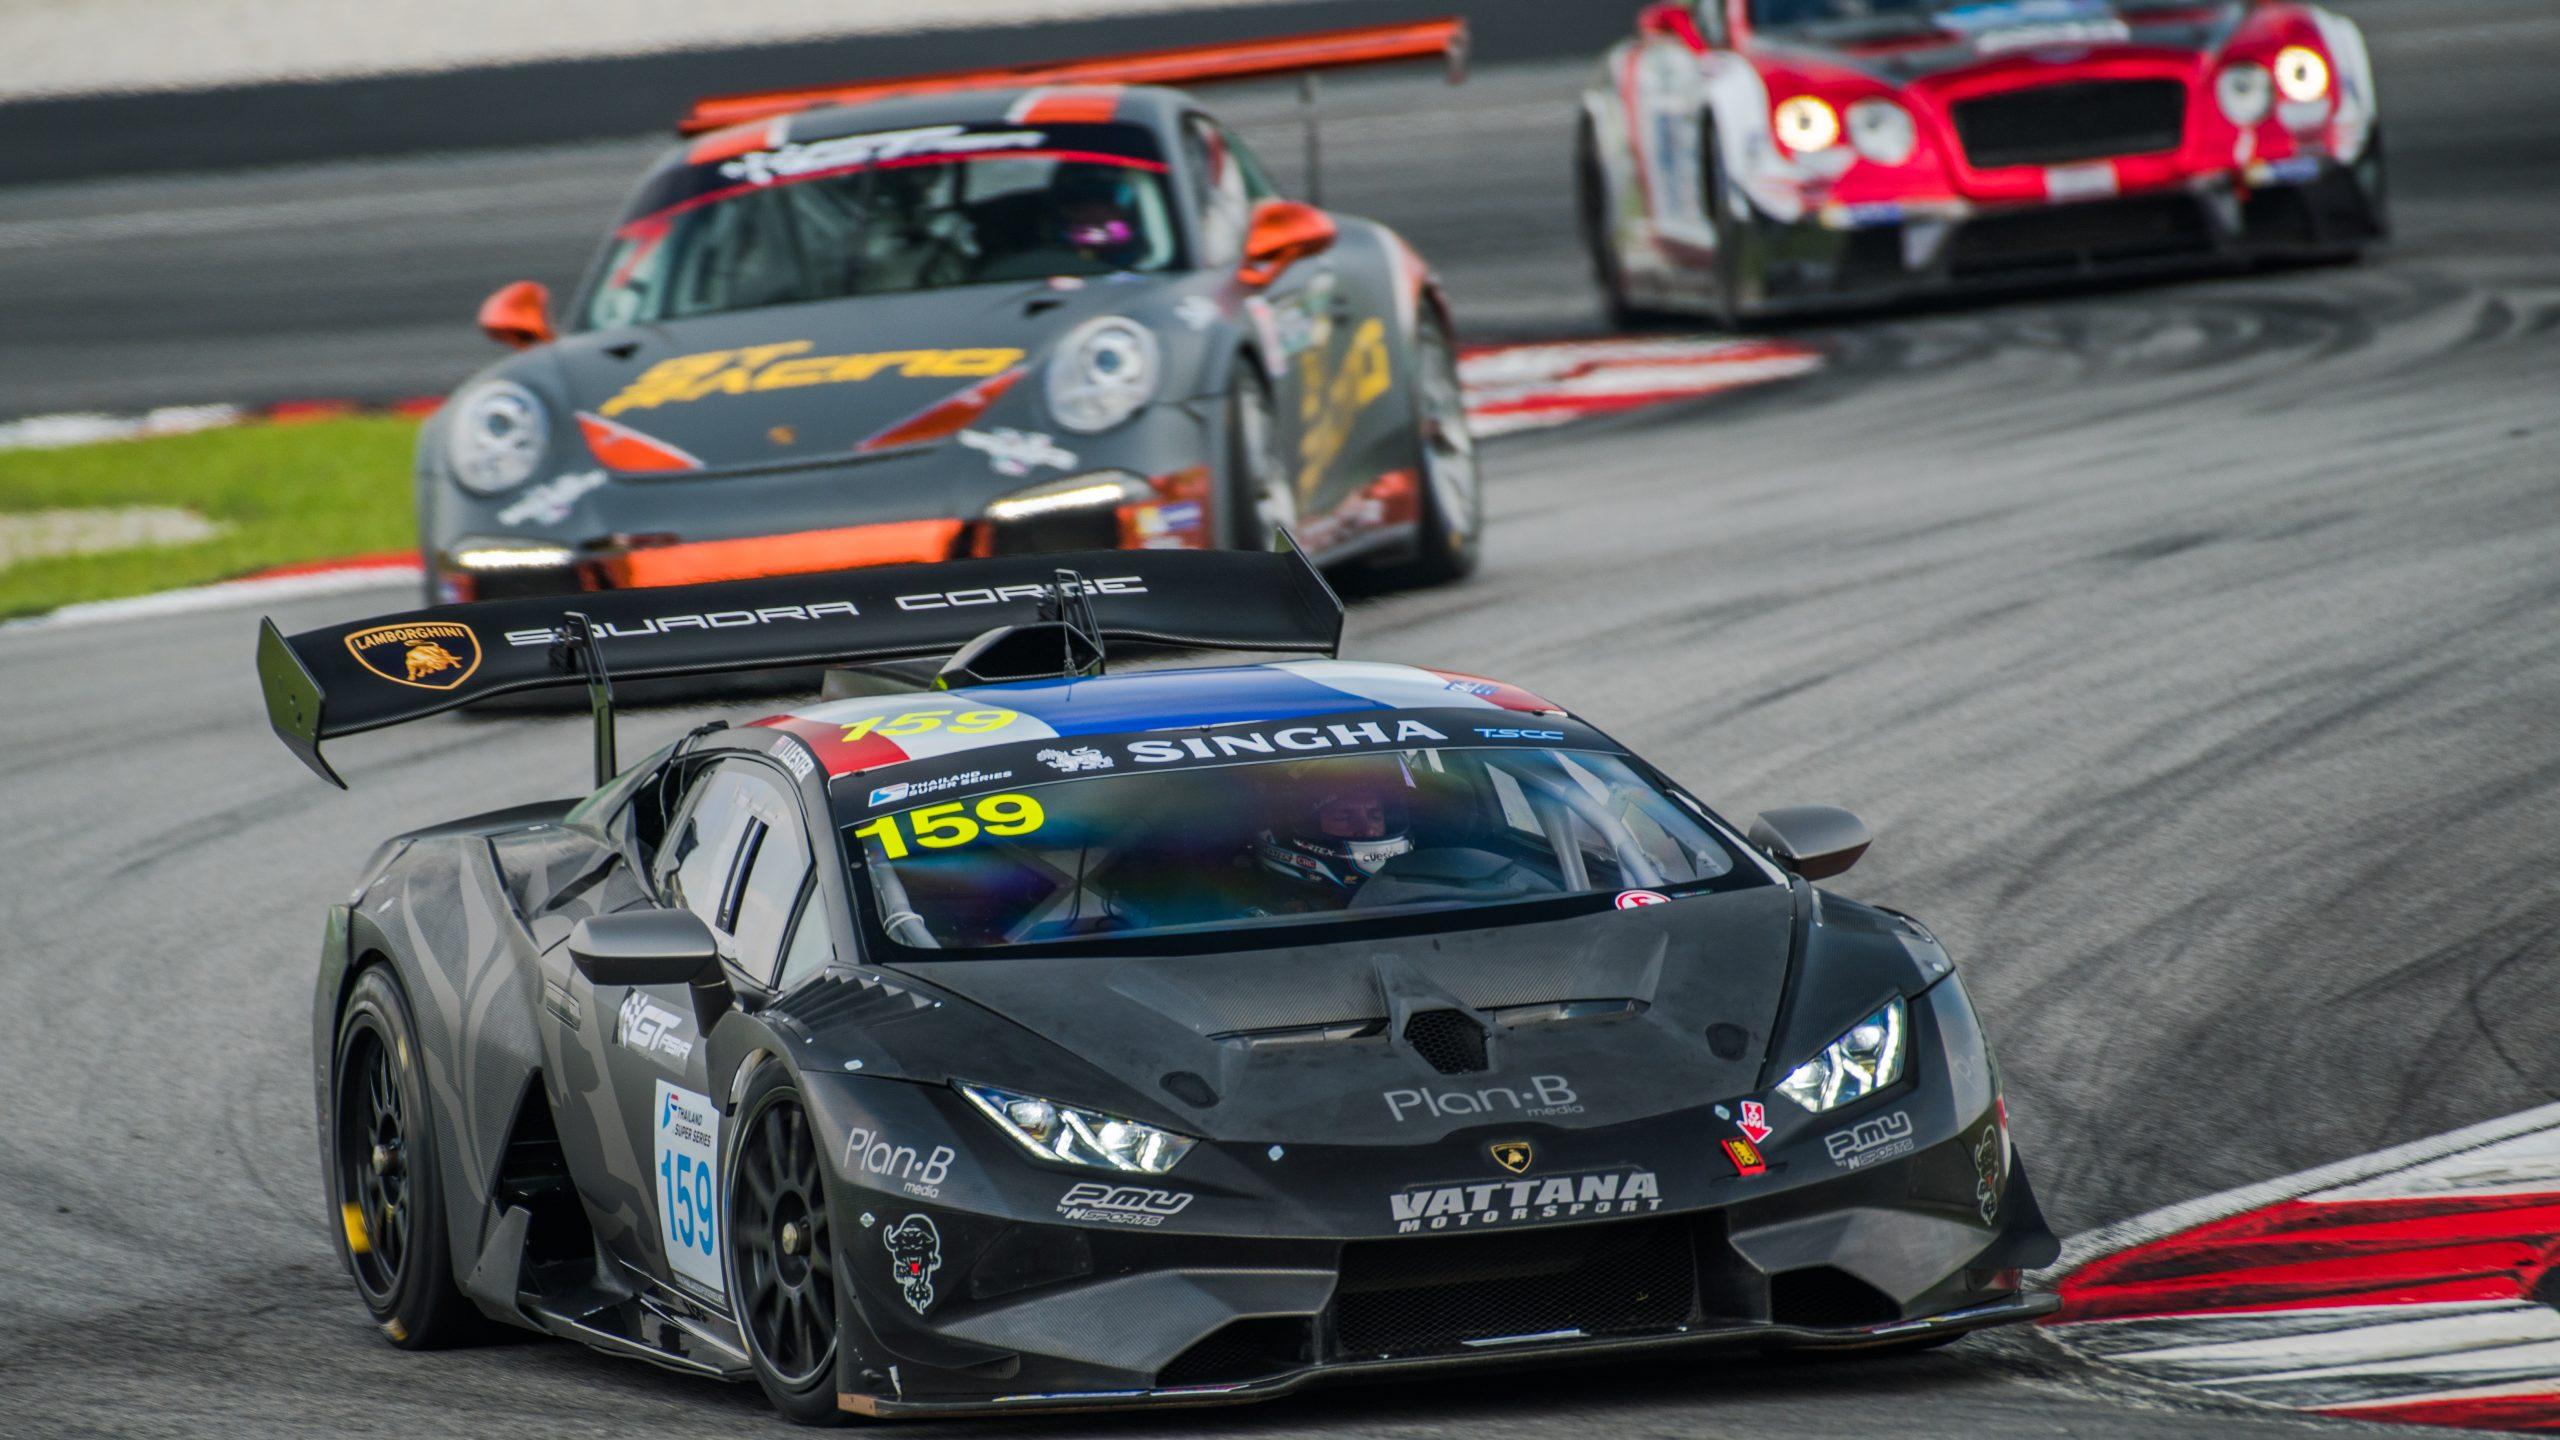 Jono Lester on track in the Lamborghini